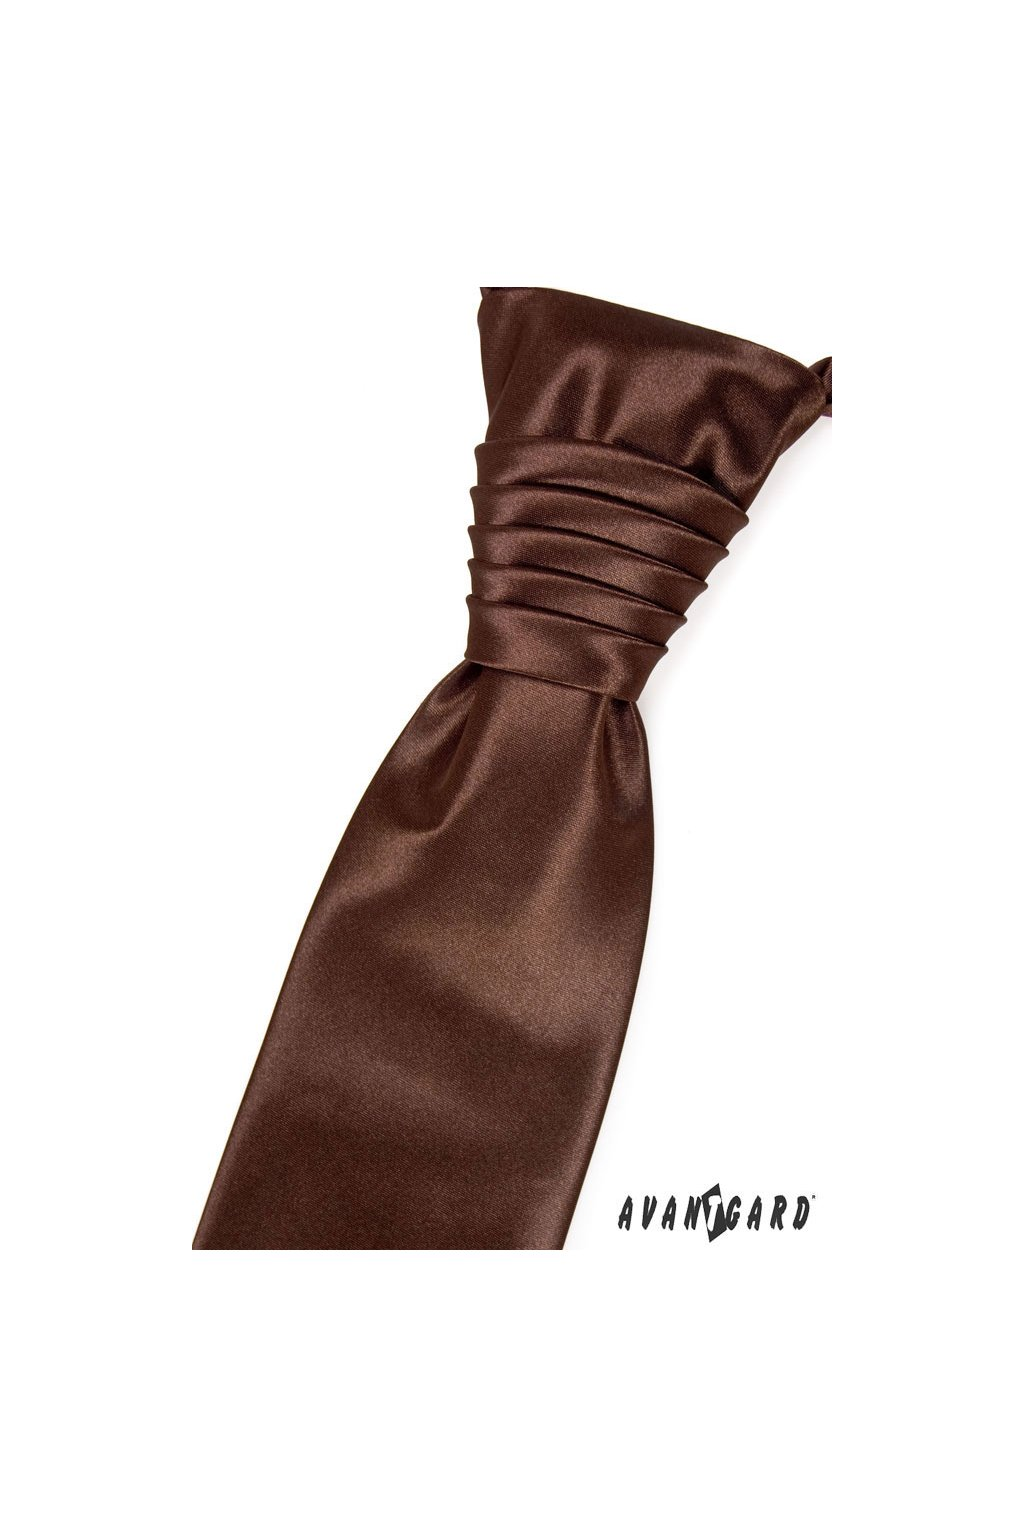 Regata PREMIUM a kapesníček čokoládová 577 - 9018